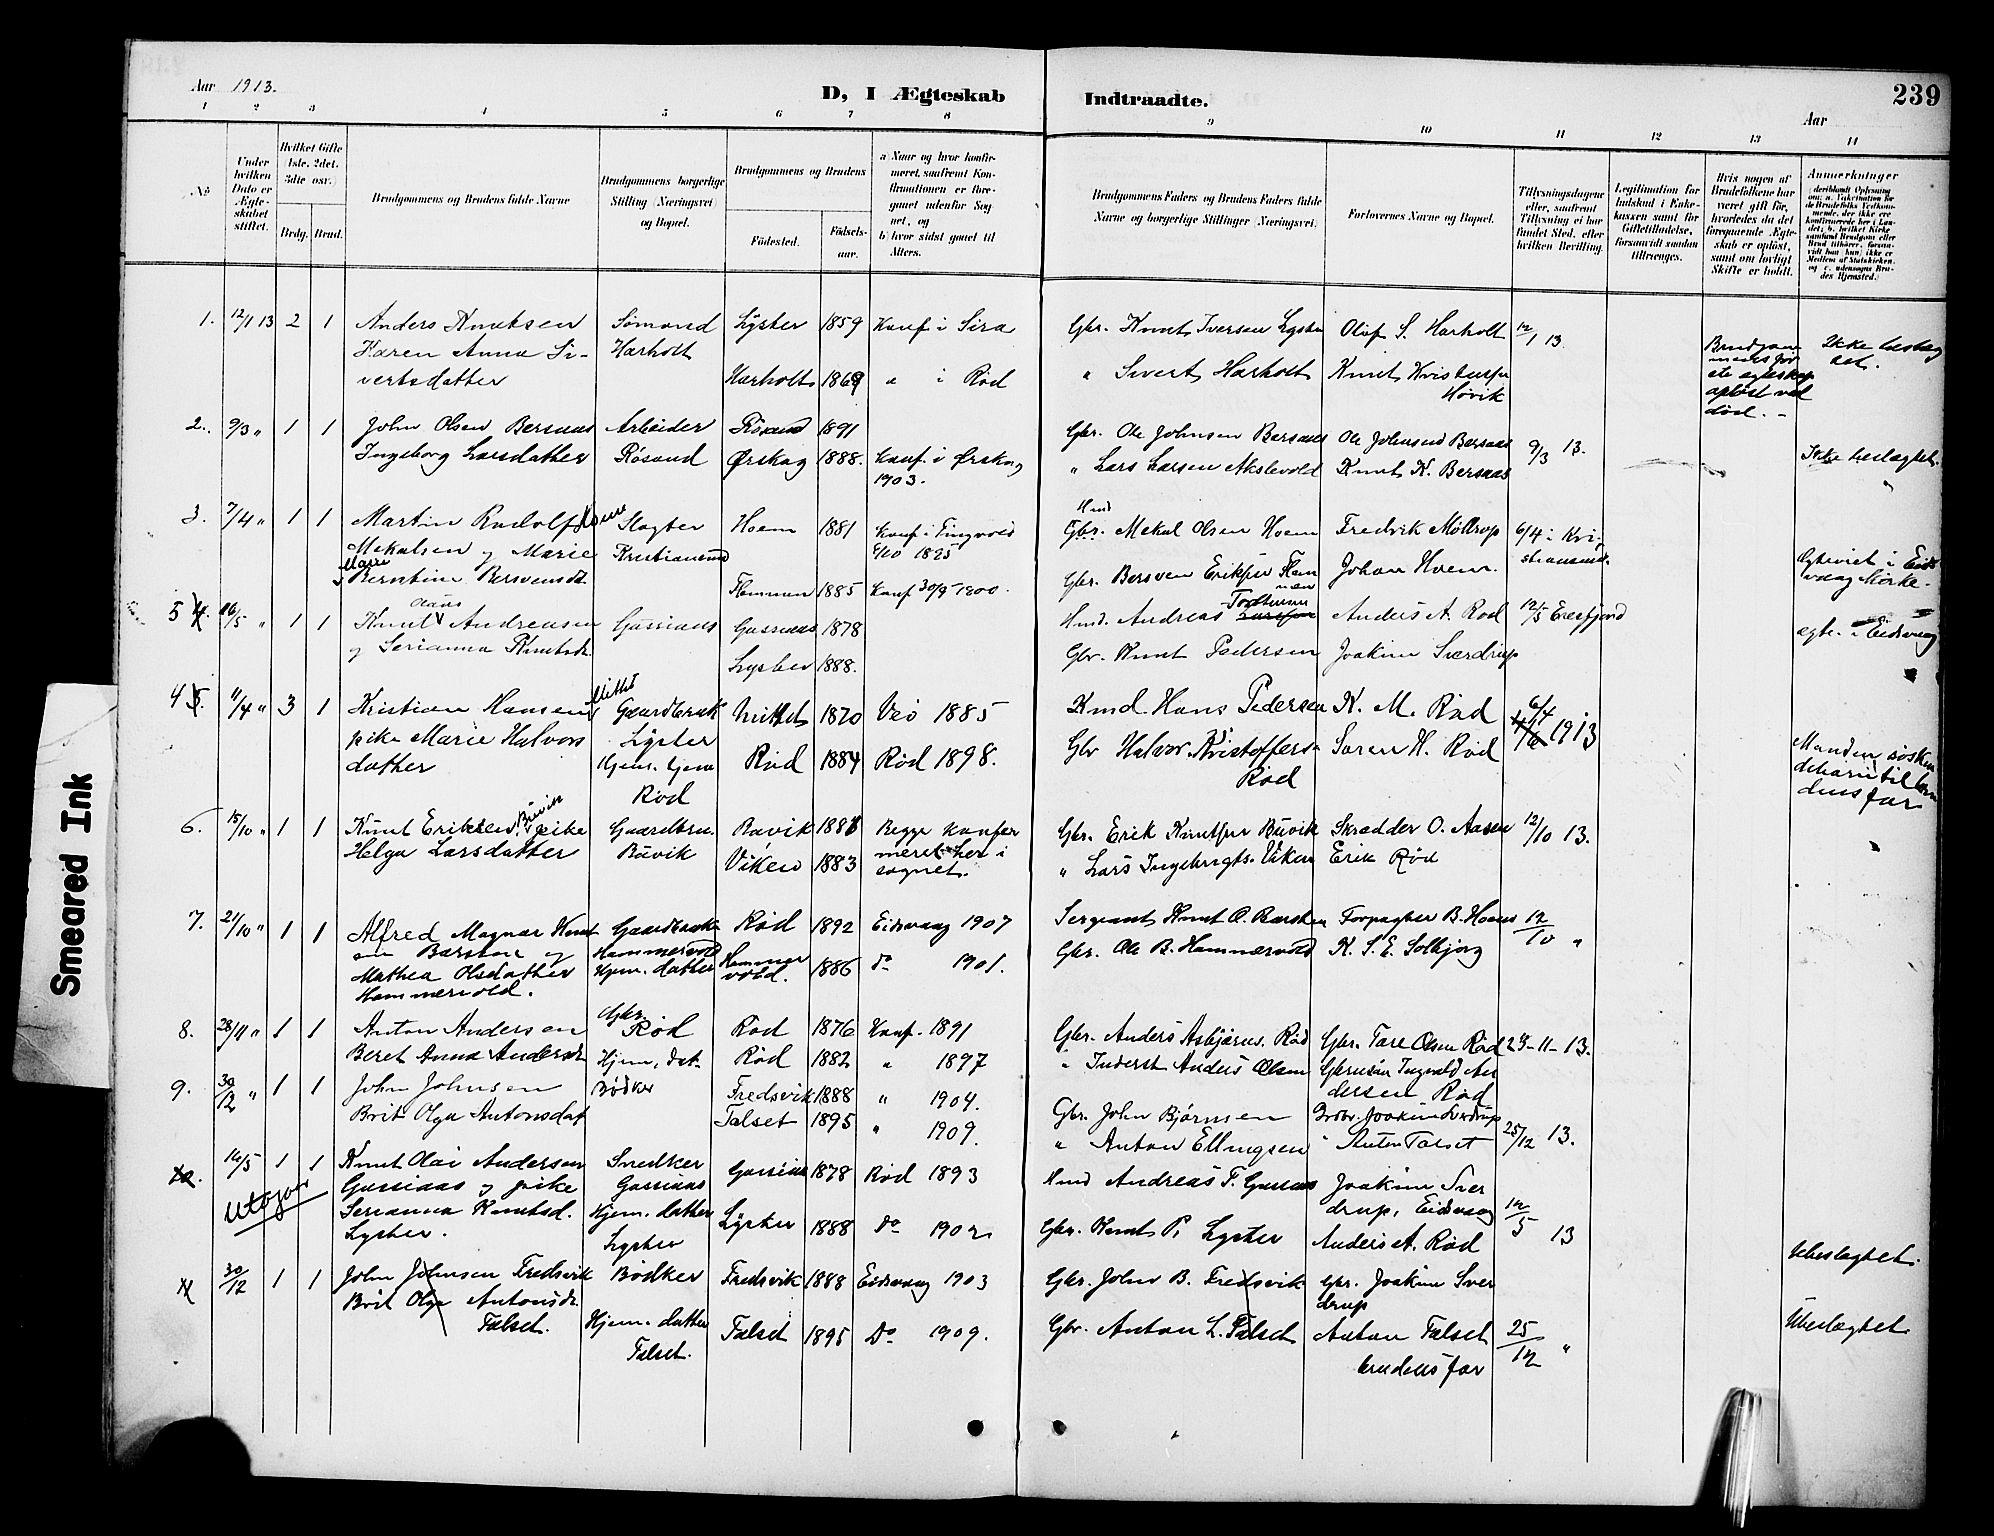 SAT, Ministerialprotokoller, klokkerbøker og fødselsregistre - Møre og Romsdal, 551/L0632: Klokkerbok nr. 551C04, 1894-1920, s. 239